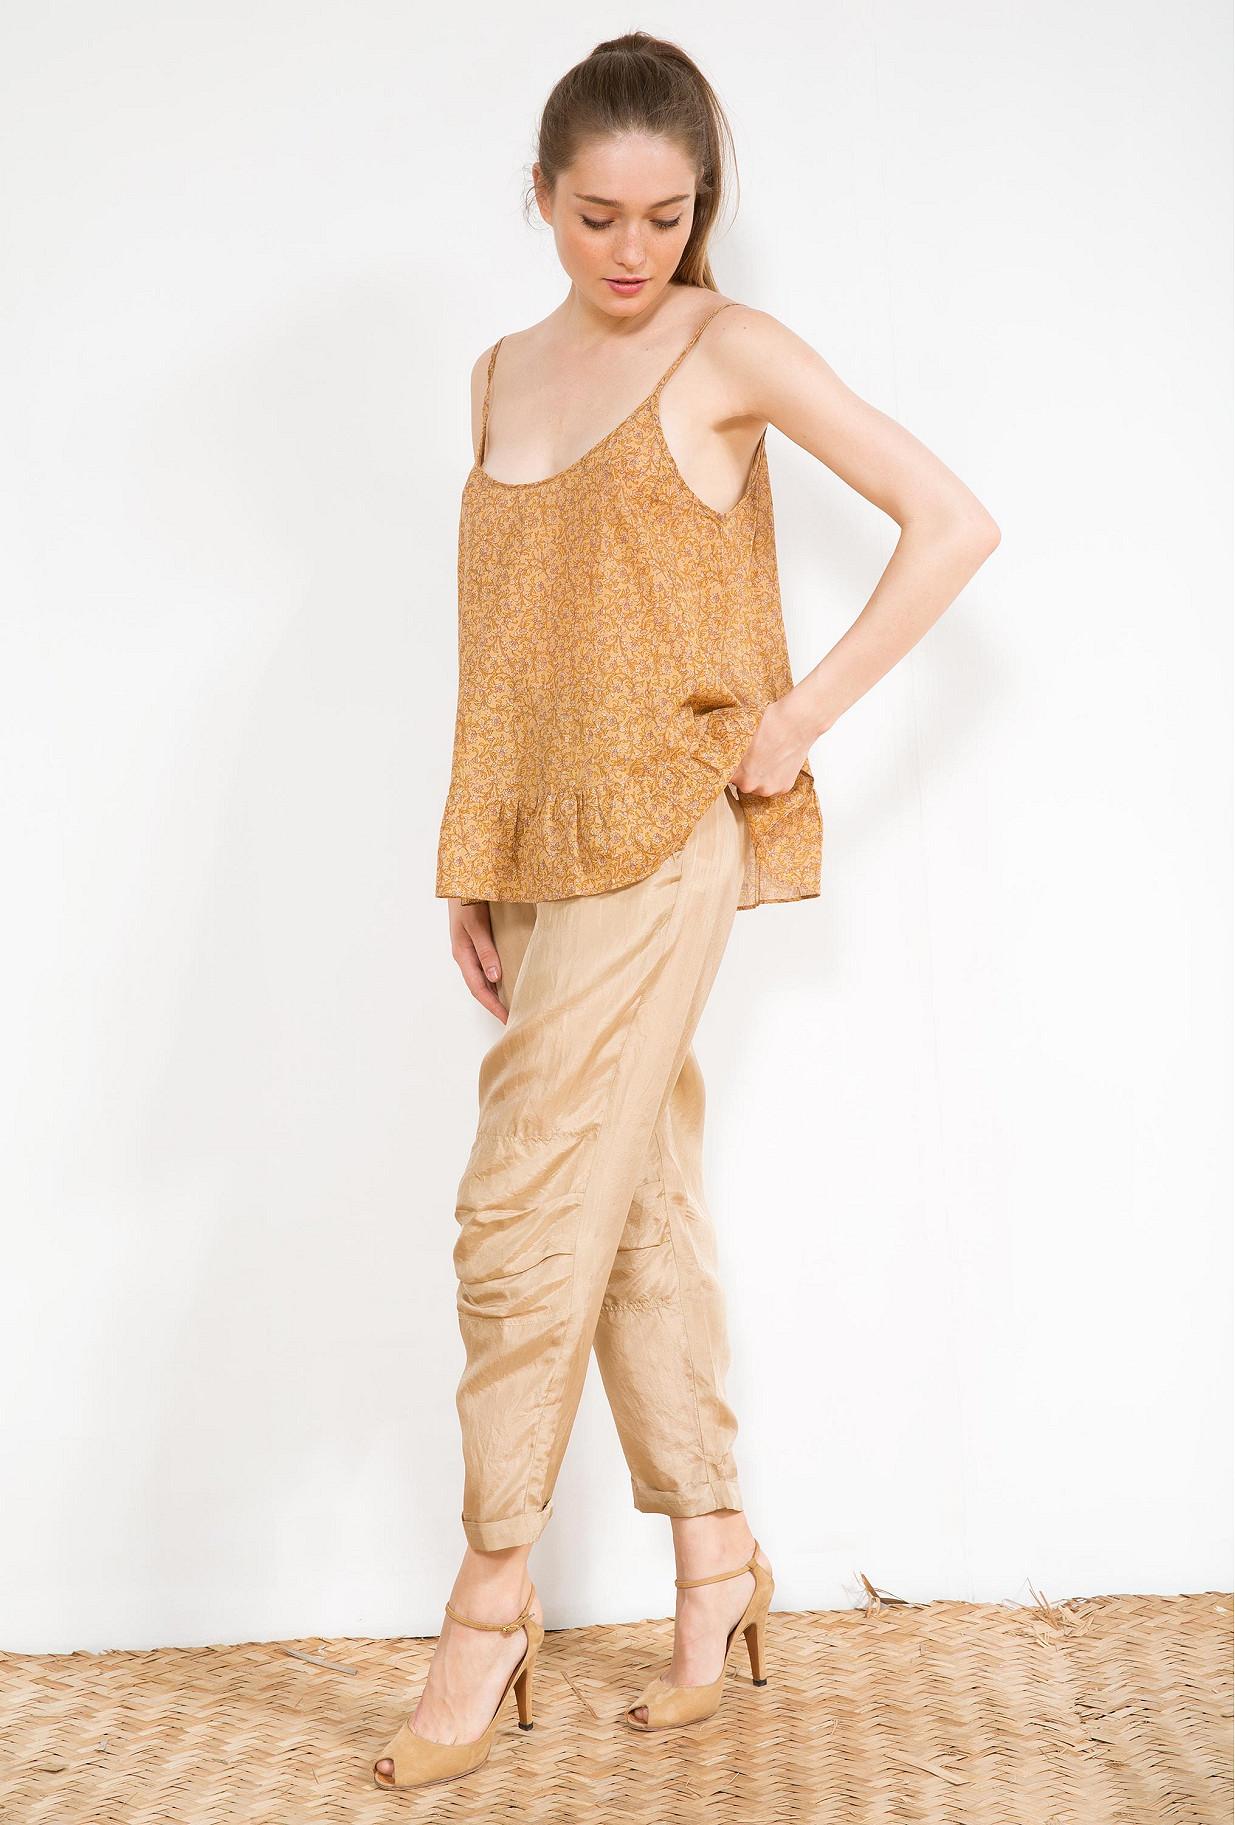 clothes store TOP  Annette french designer fashion Paris